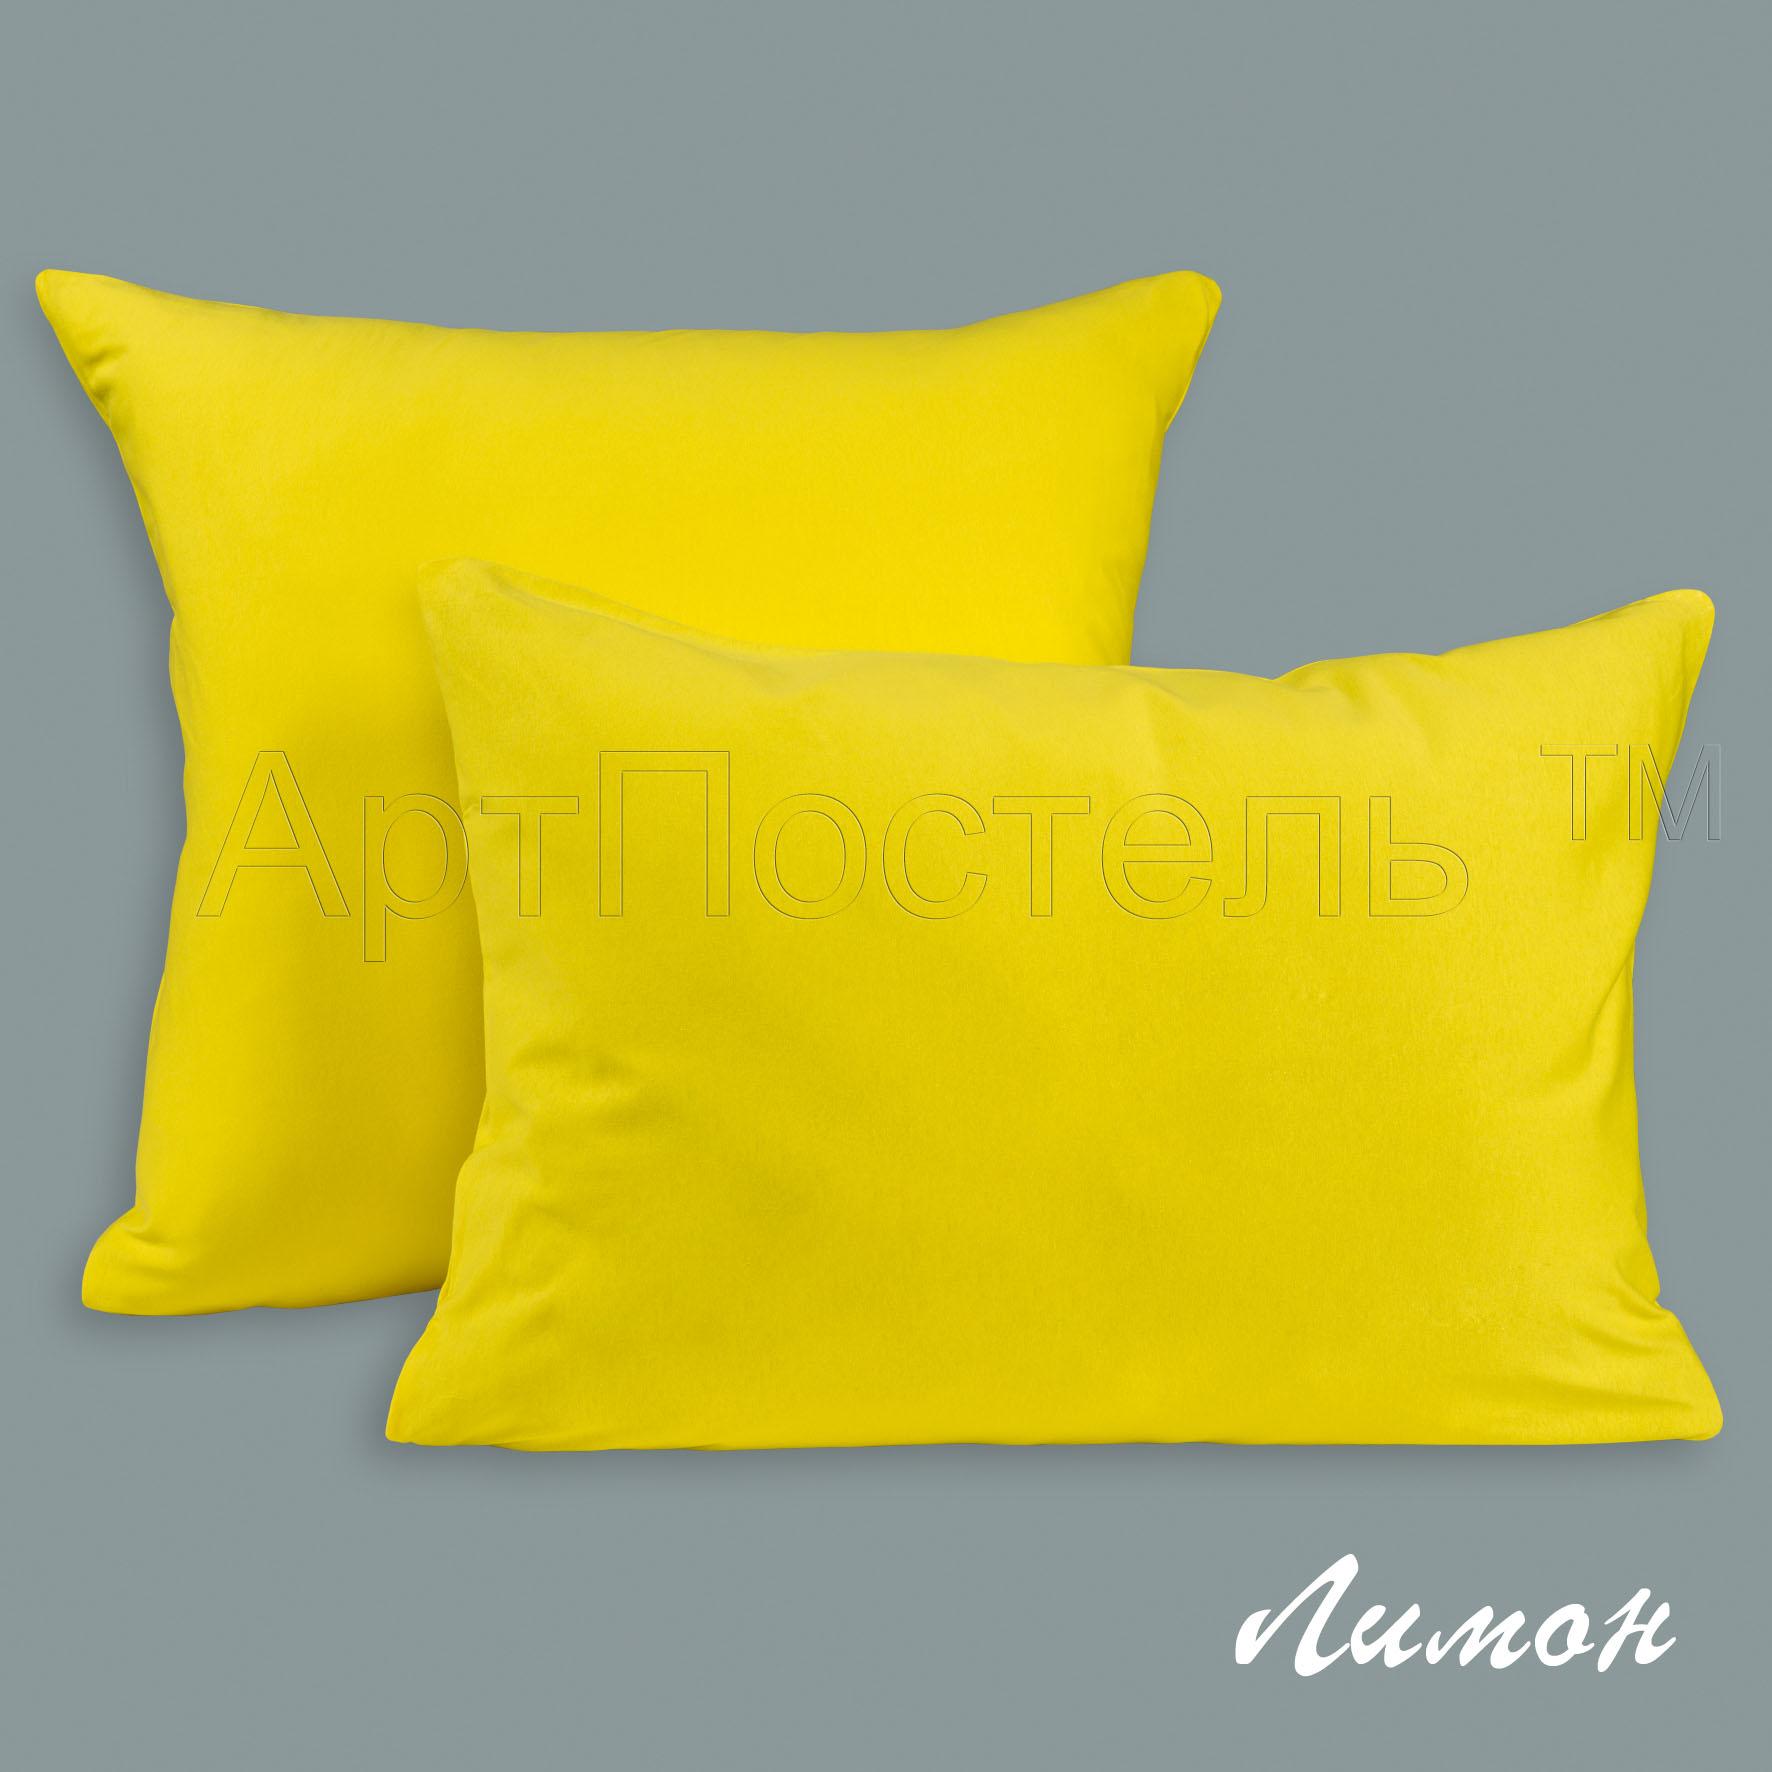 Наволочки Трикотажные Лимон р. 70х70Наволочки<br>Плотность ткани: 140 г/кв. м <br>Количество: 2 шт.<br><br>Тип: Наволочки<br>Размер: 70х70<br>Материал: Кулирка